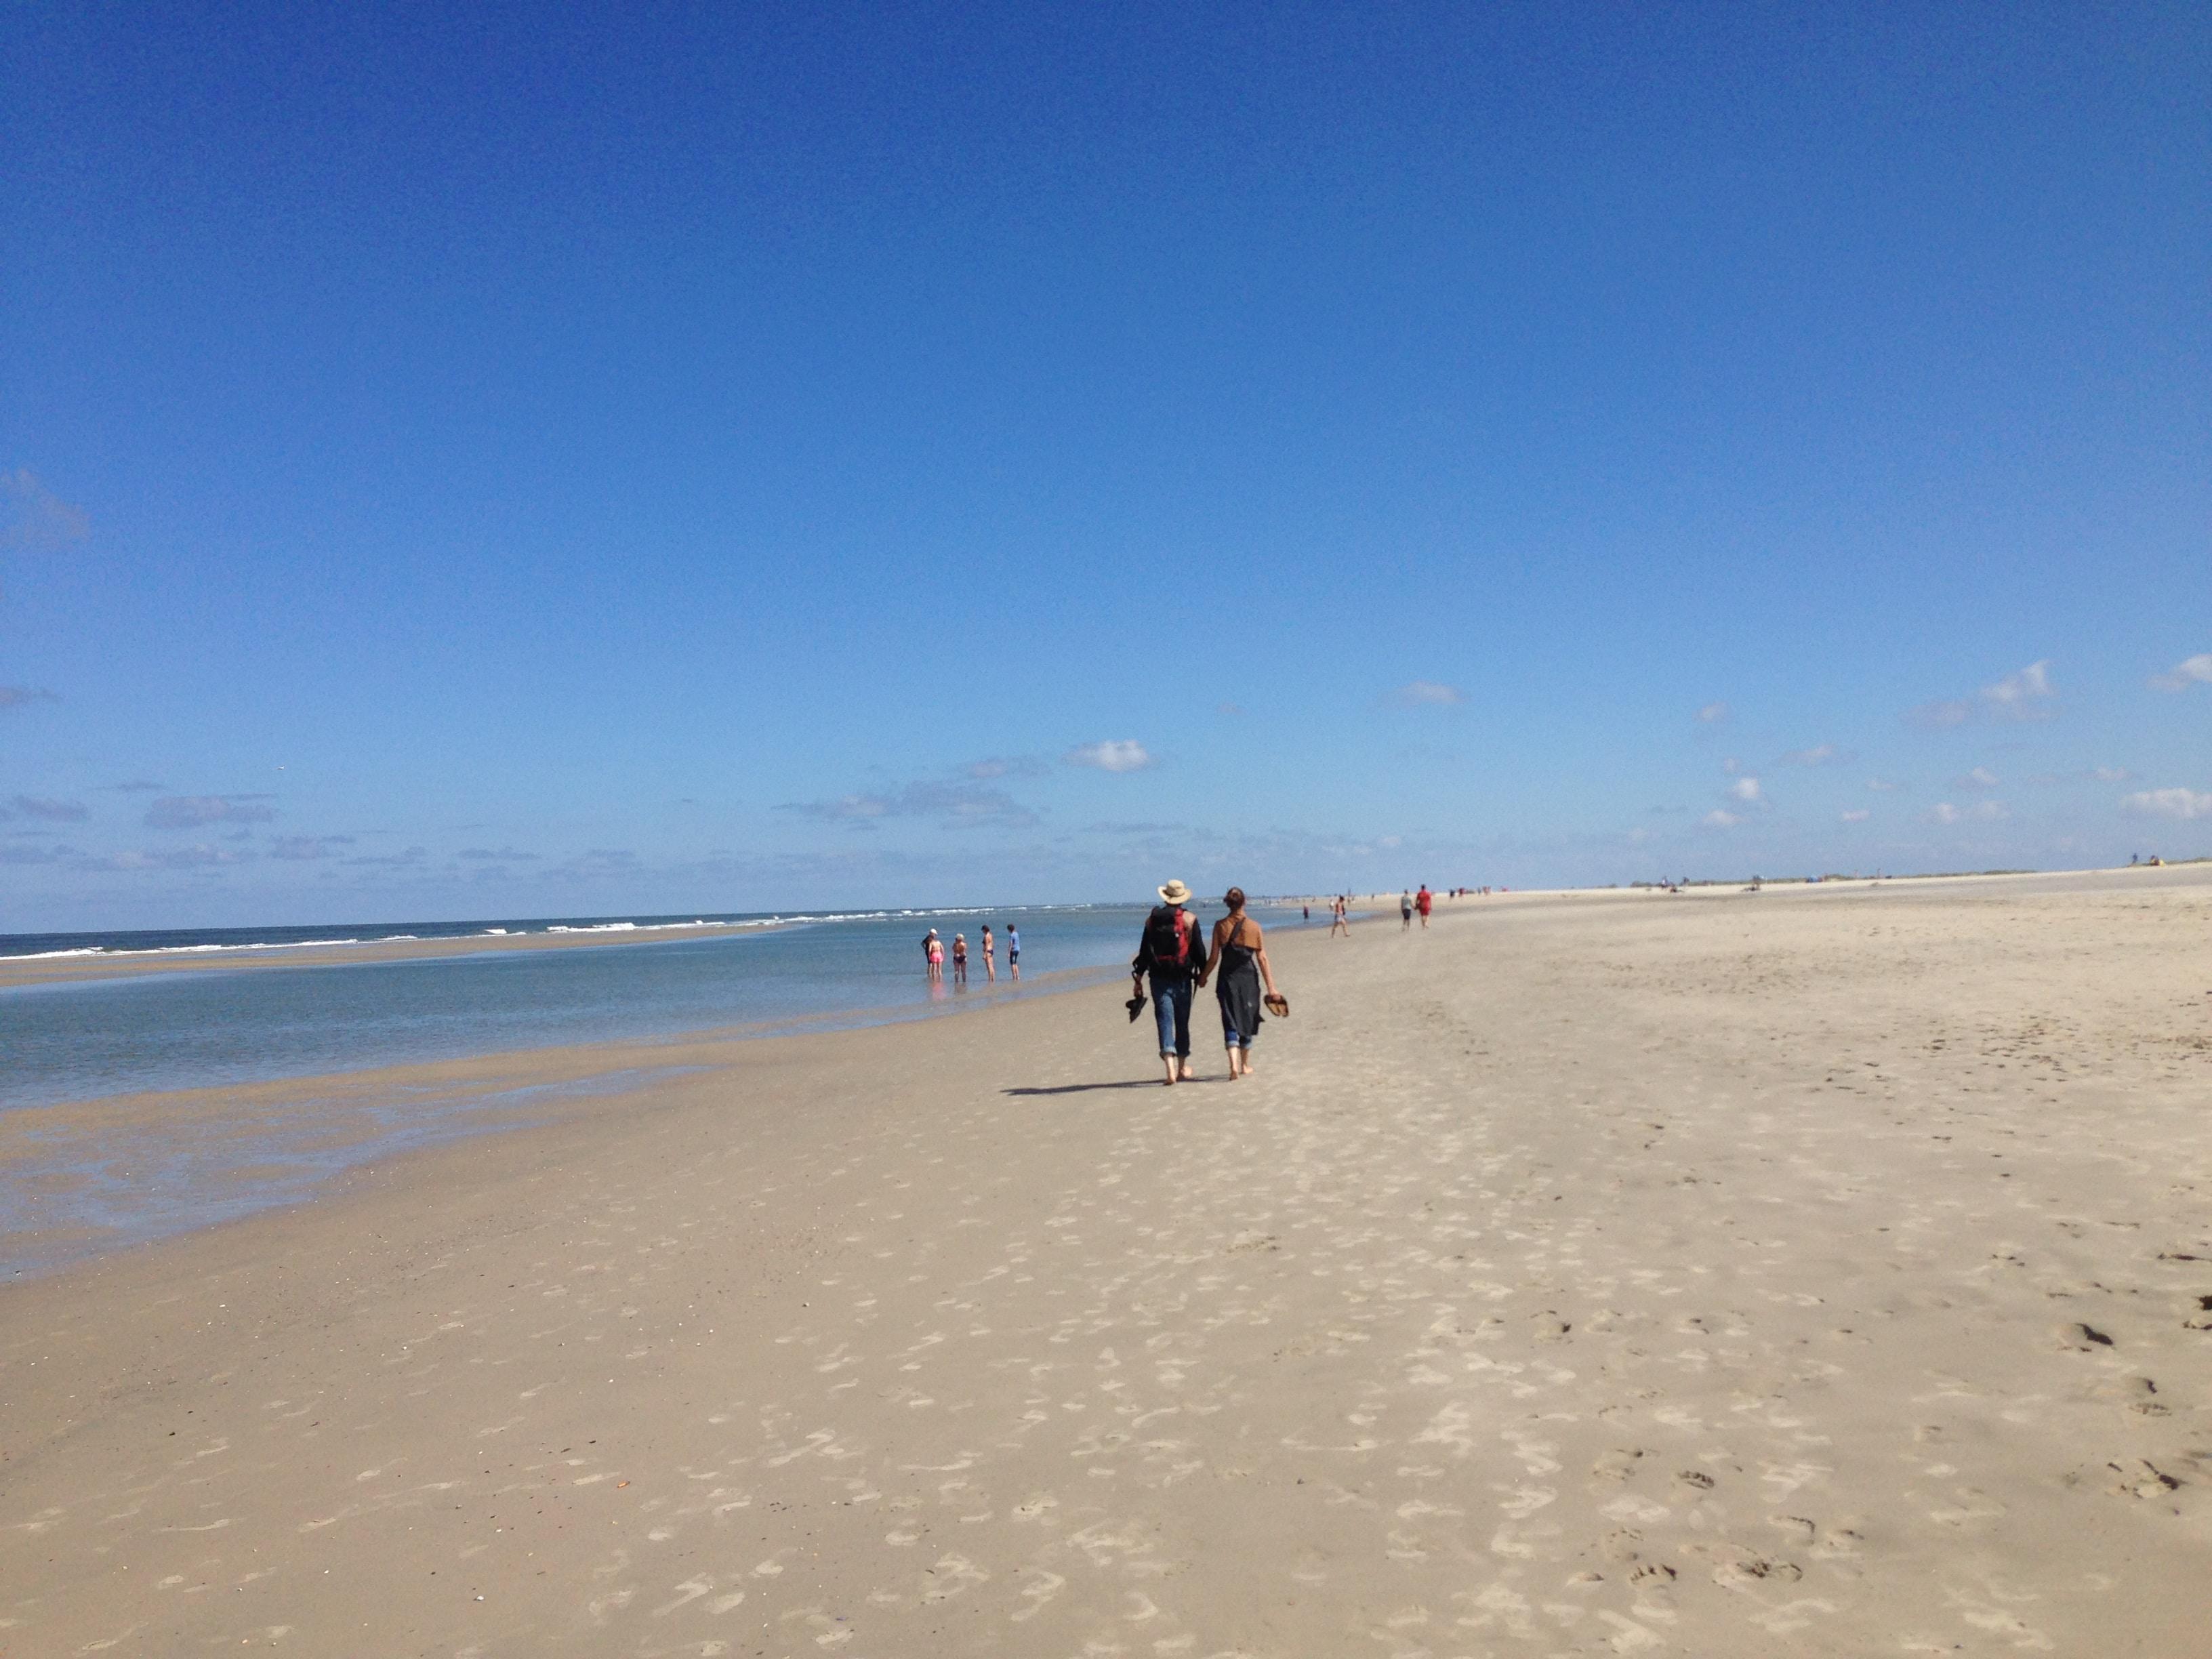 Menschen am Strand